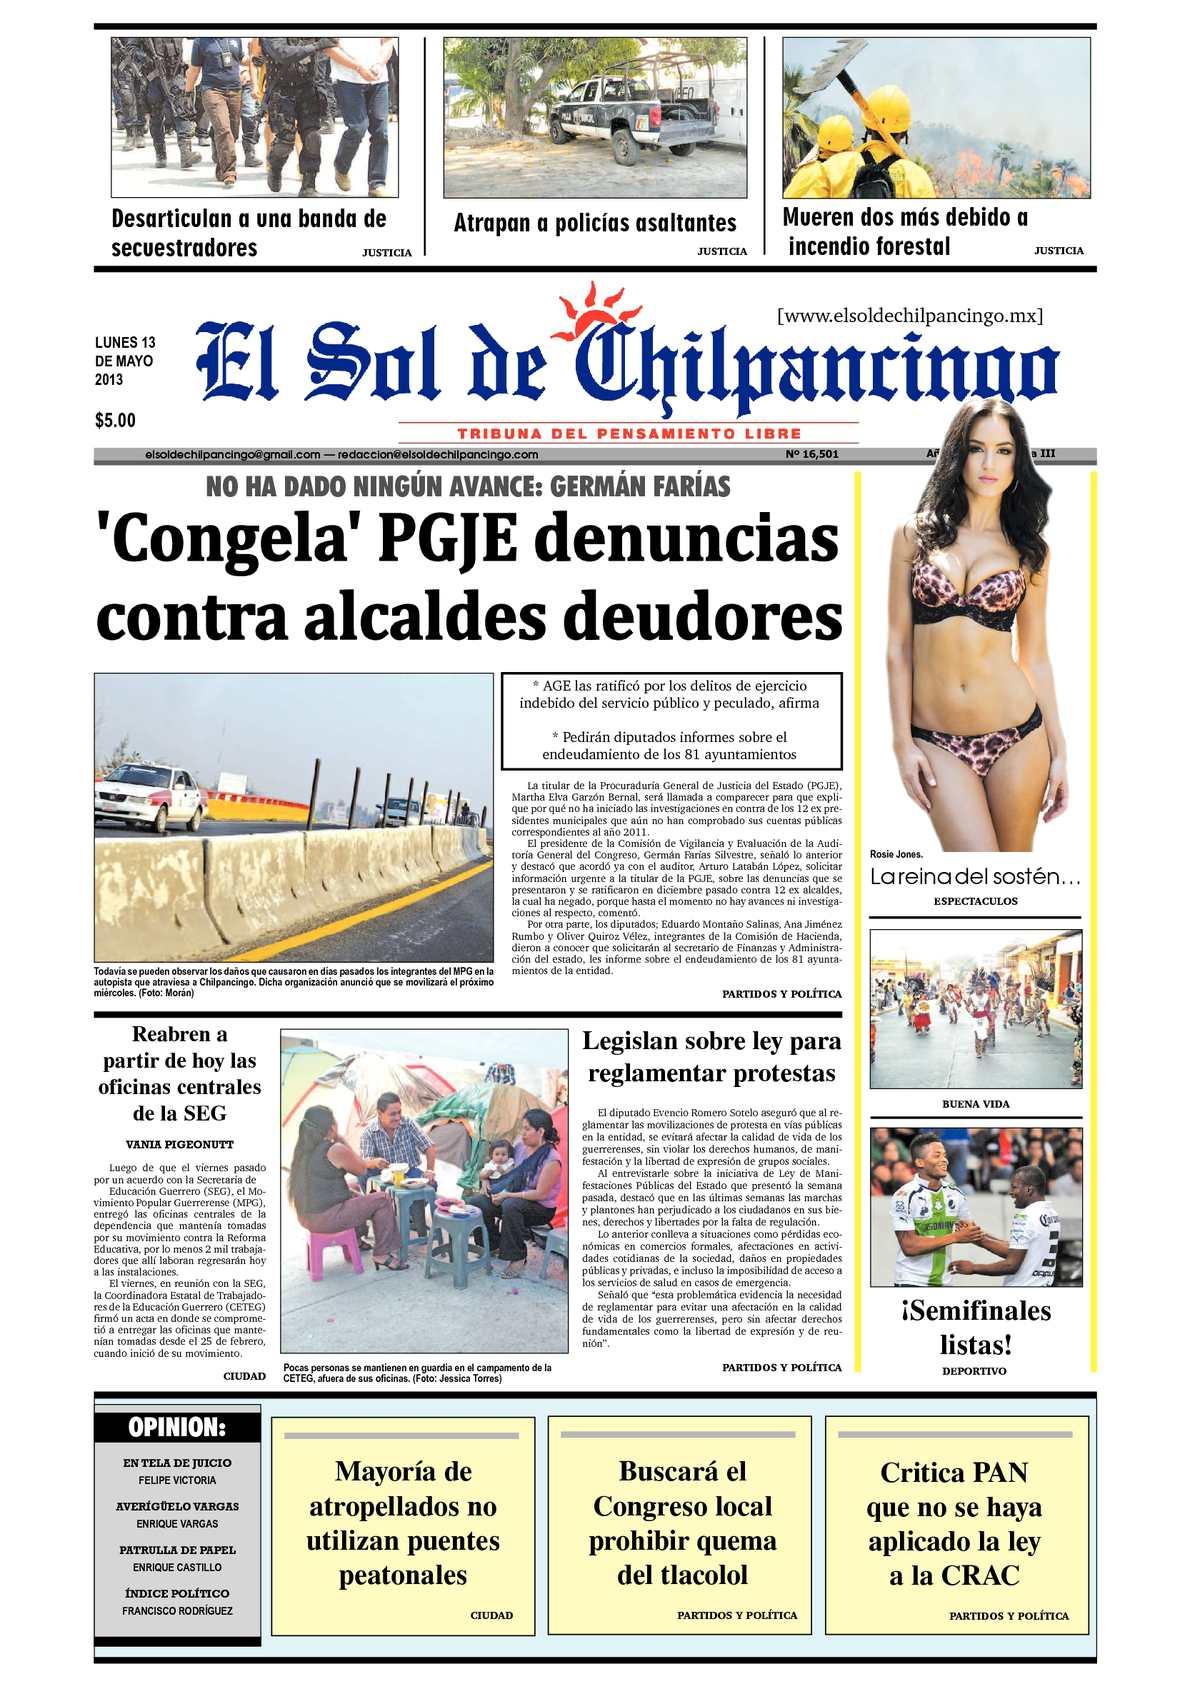 Calaméo - El Sol de Chilpancingo - 13 Mayo 2013